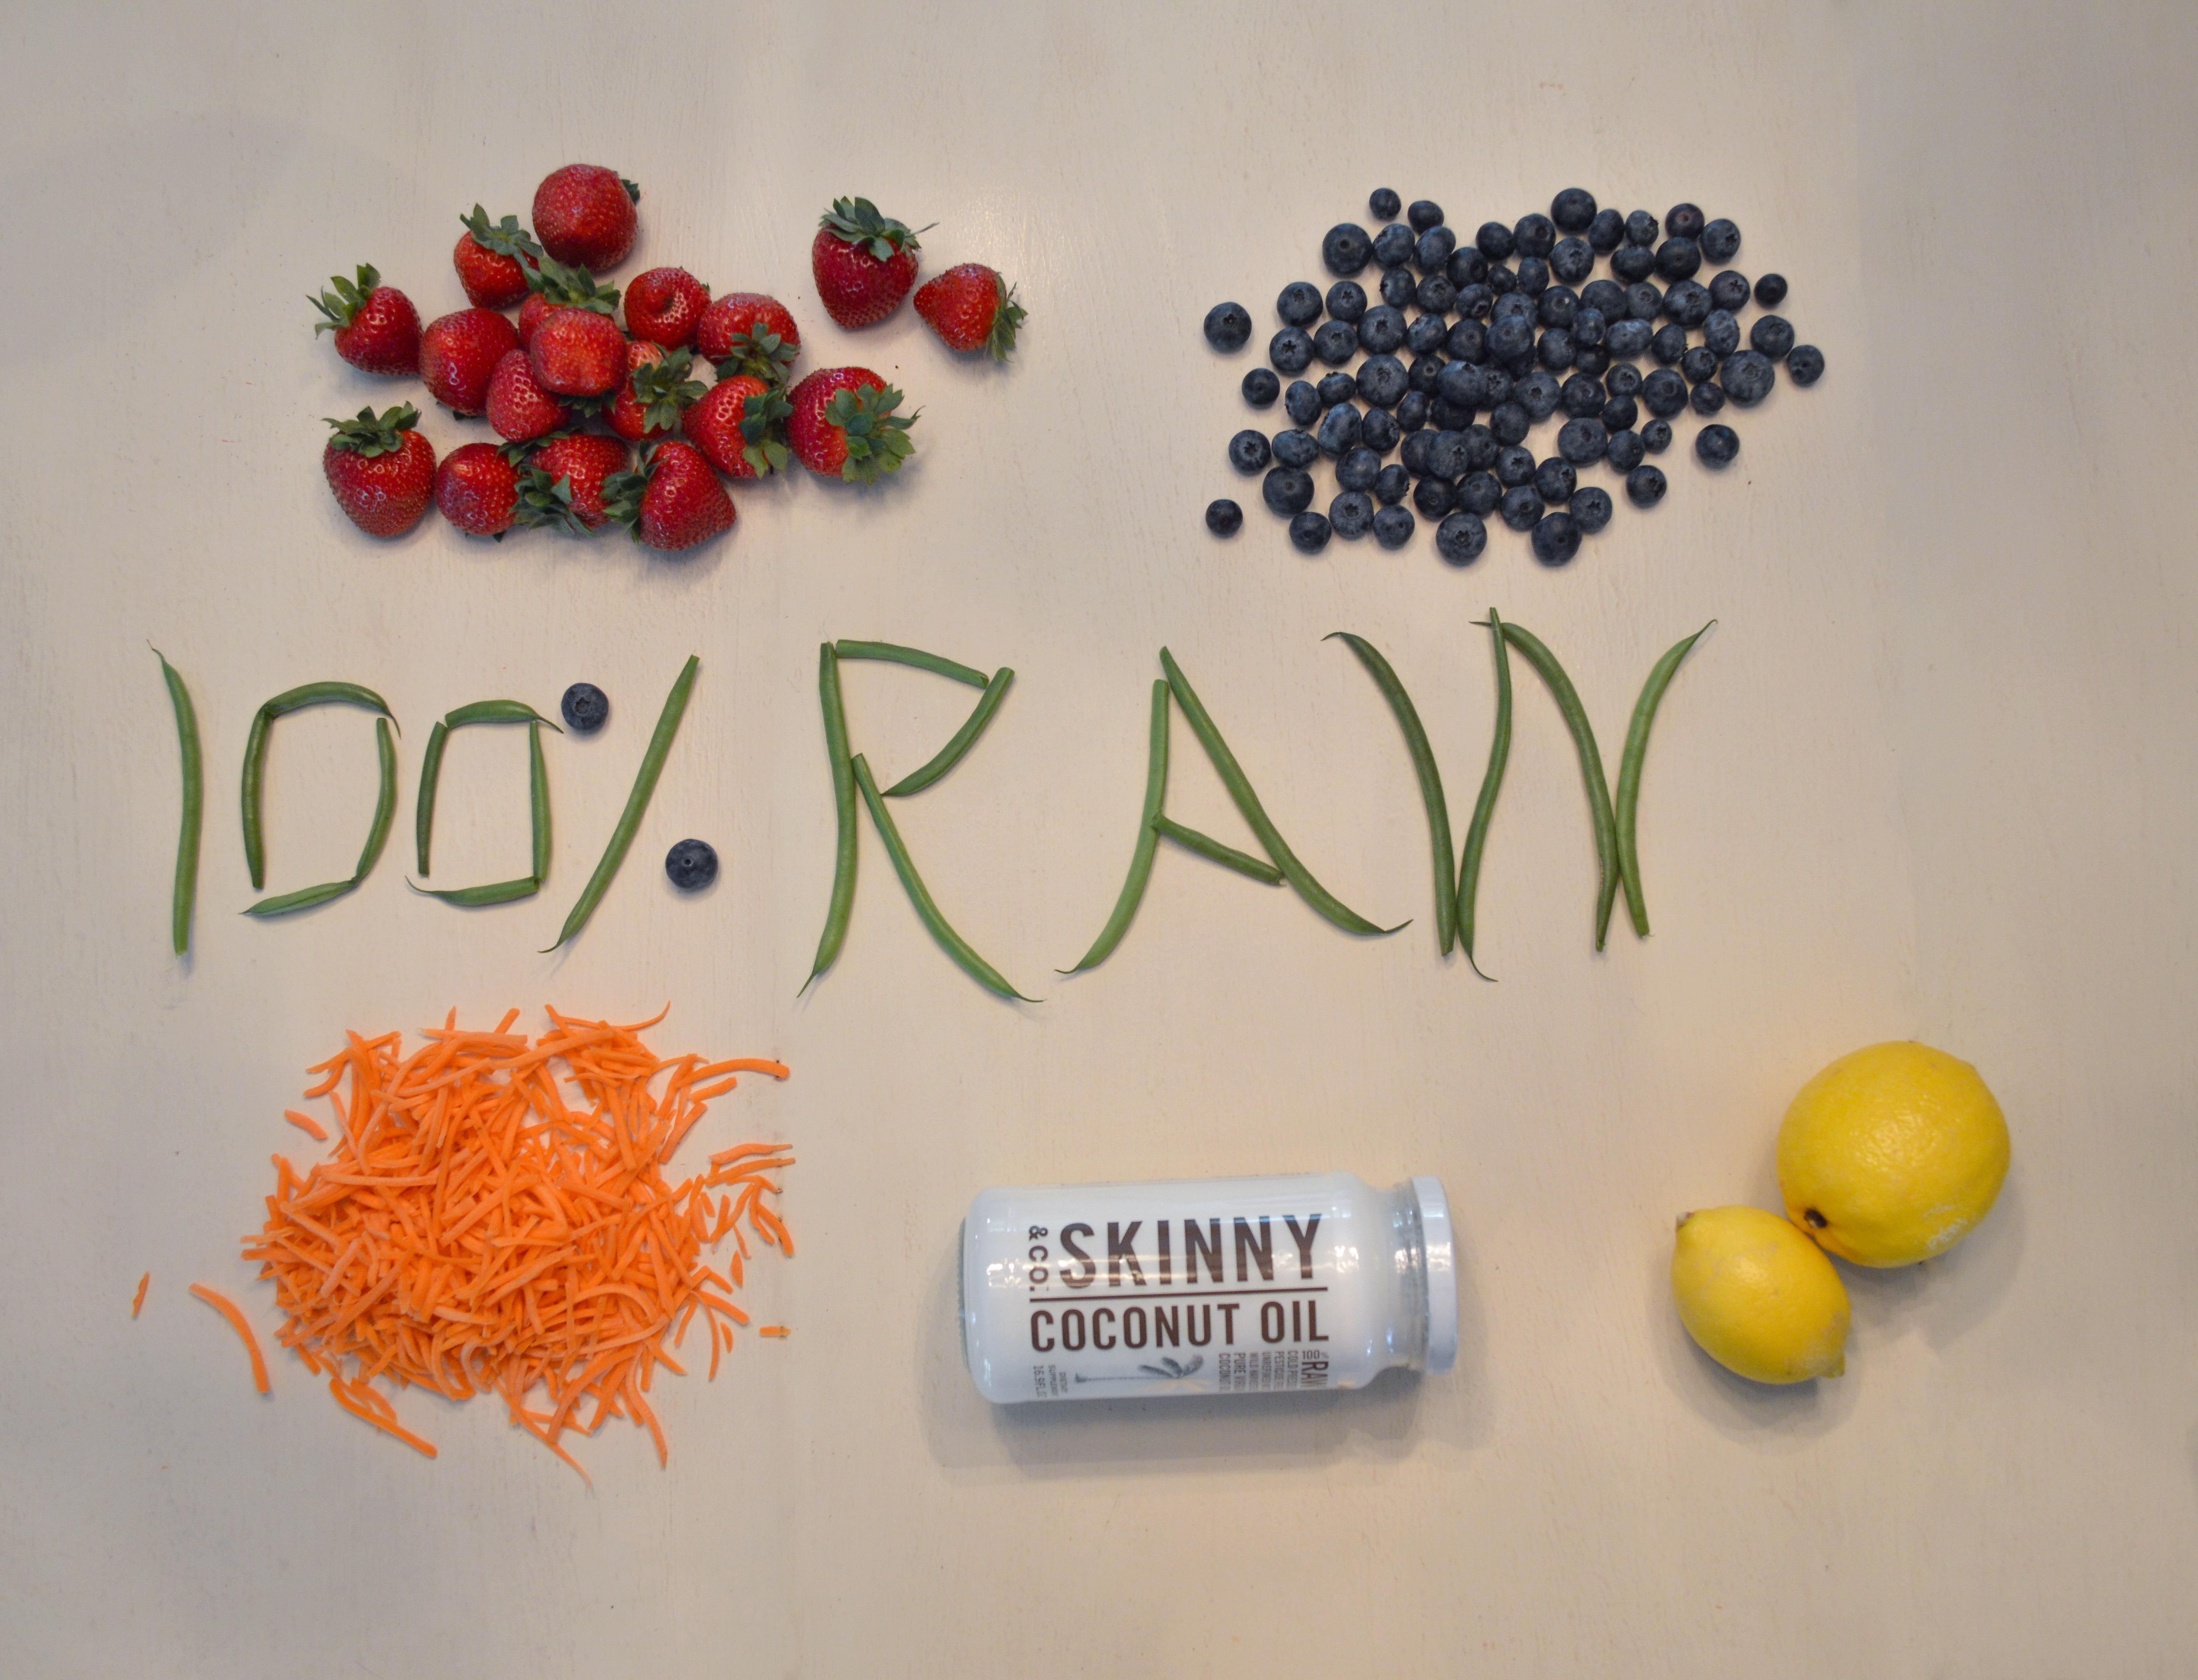 100% Raw Coconut Oil